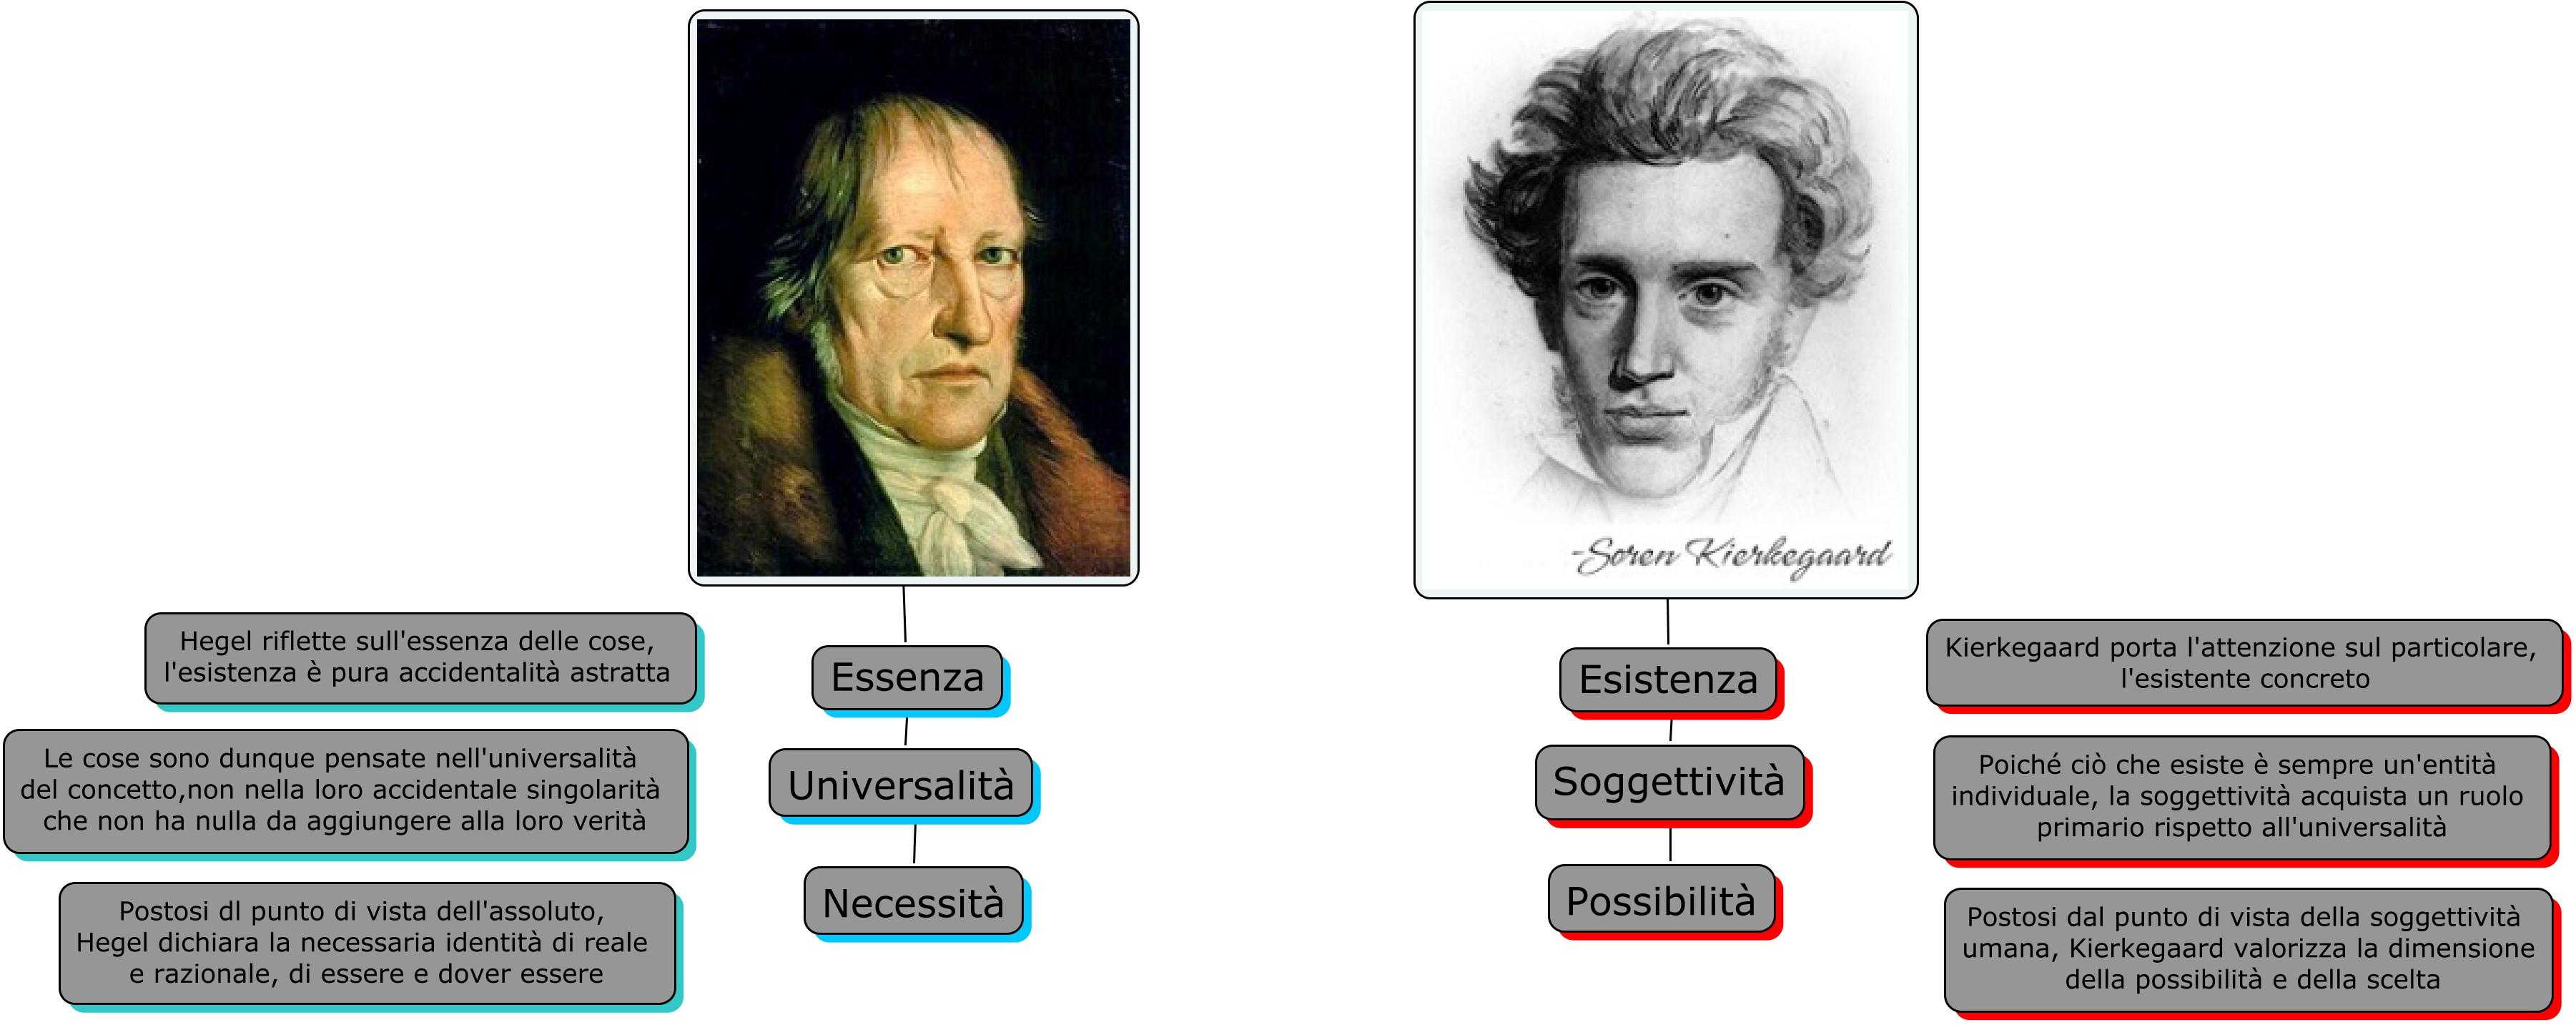 antihegelismo di Kierkegaard